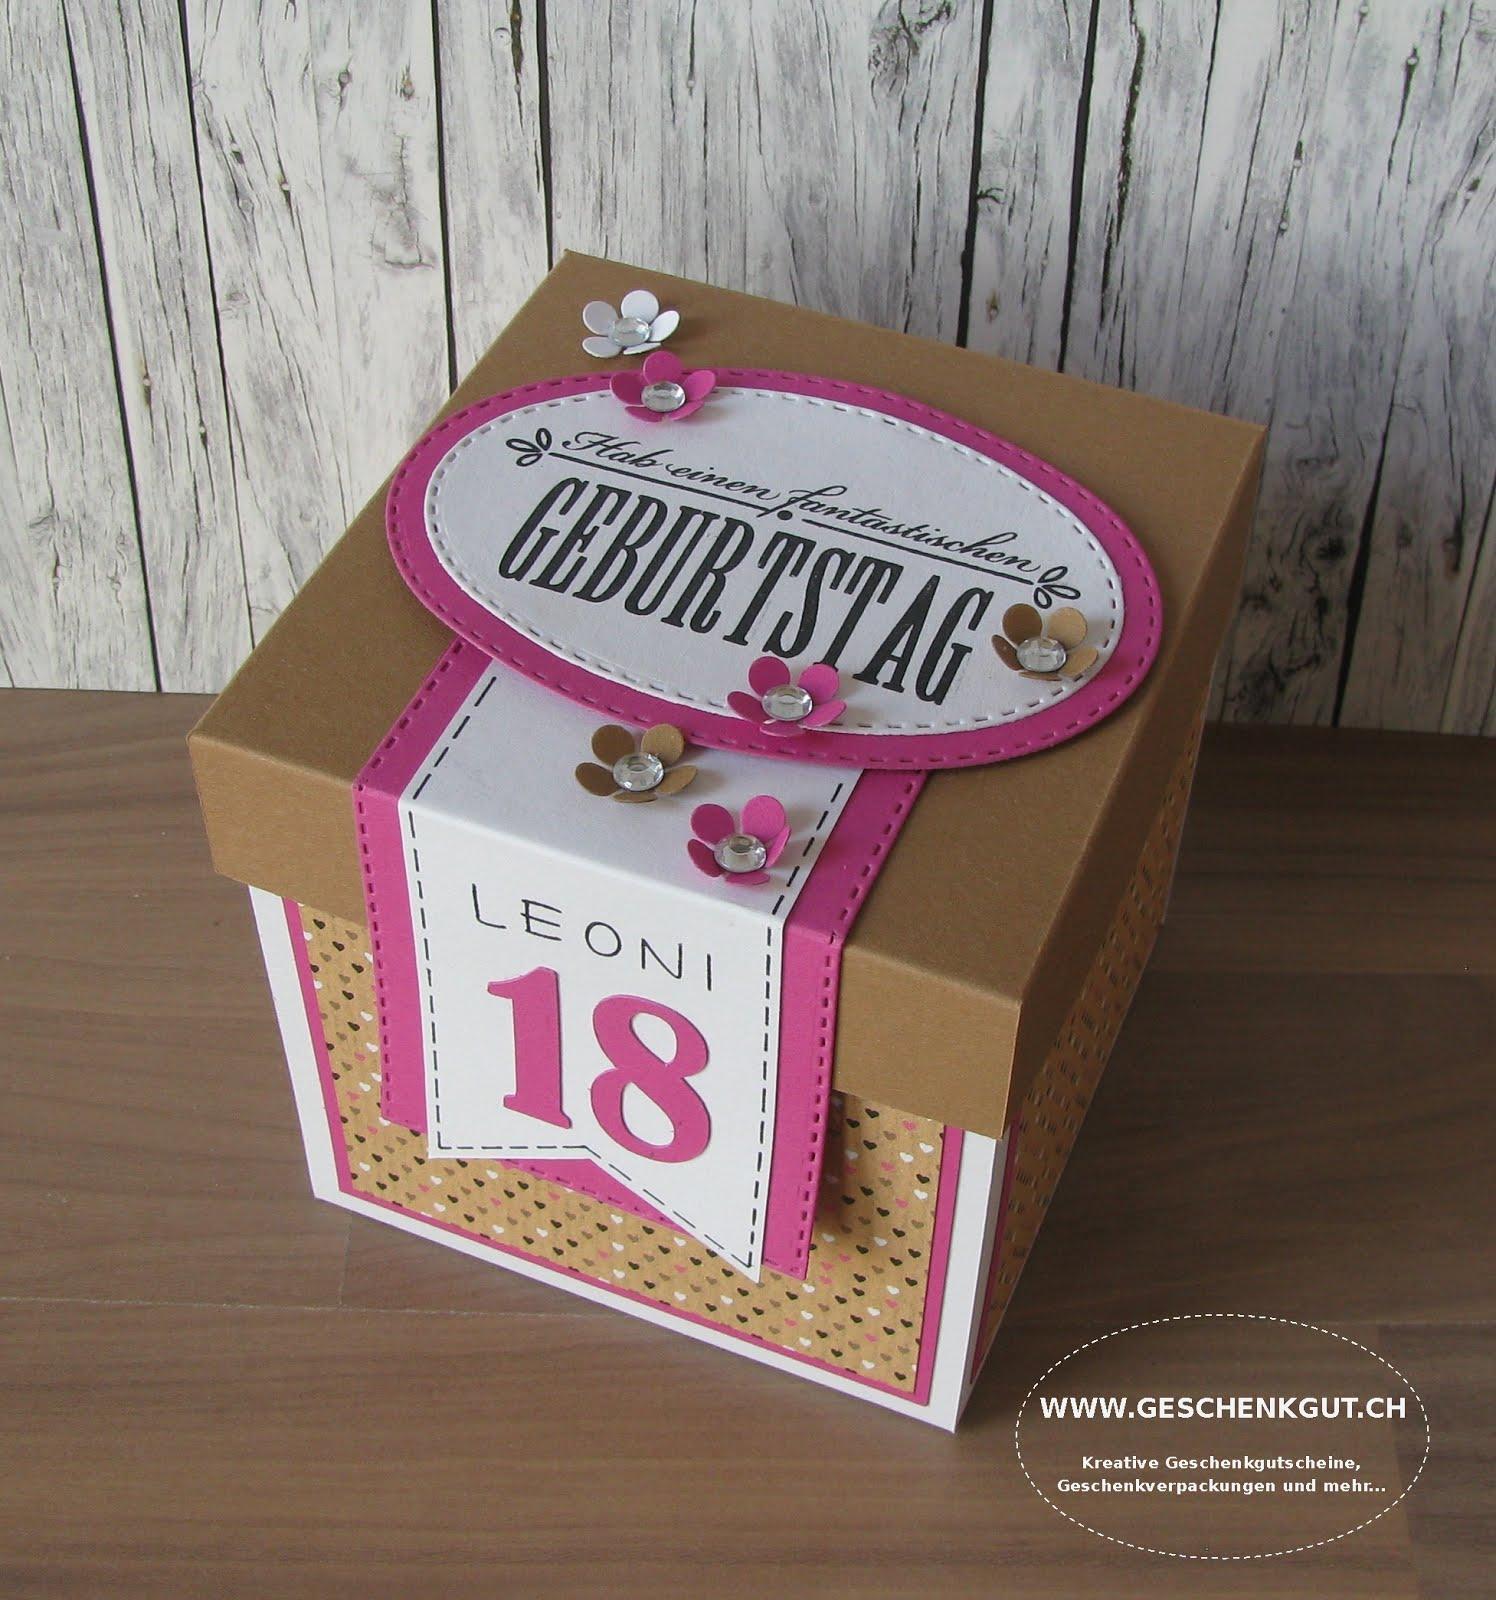 Kreativ verpacken konzertkarten Geschenke verpacken